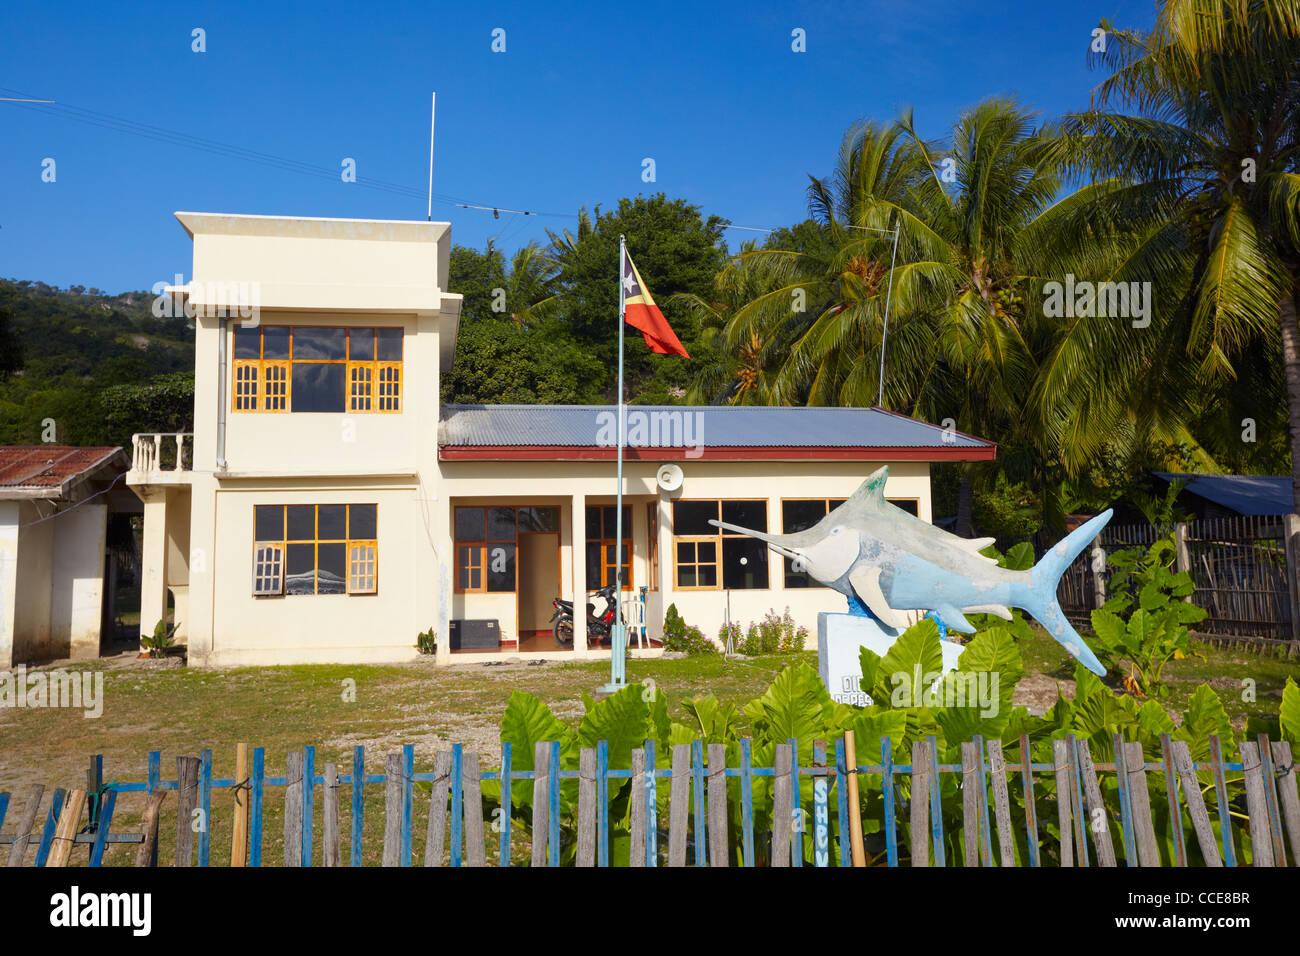 Fishery Office in Com, Timor-Leste, Asia - Stock Image